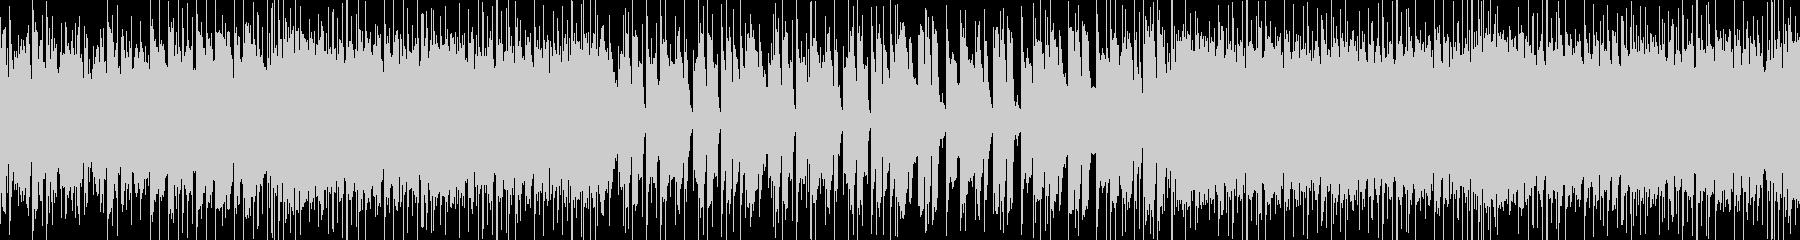 分かりやすく可愛いメロのEDM系POPSの未再生の波形